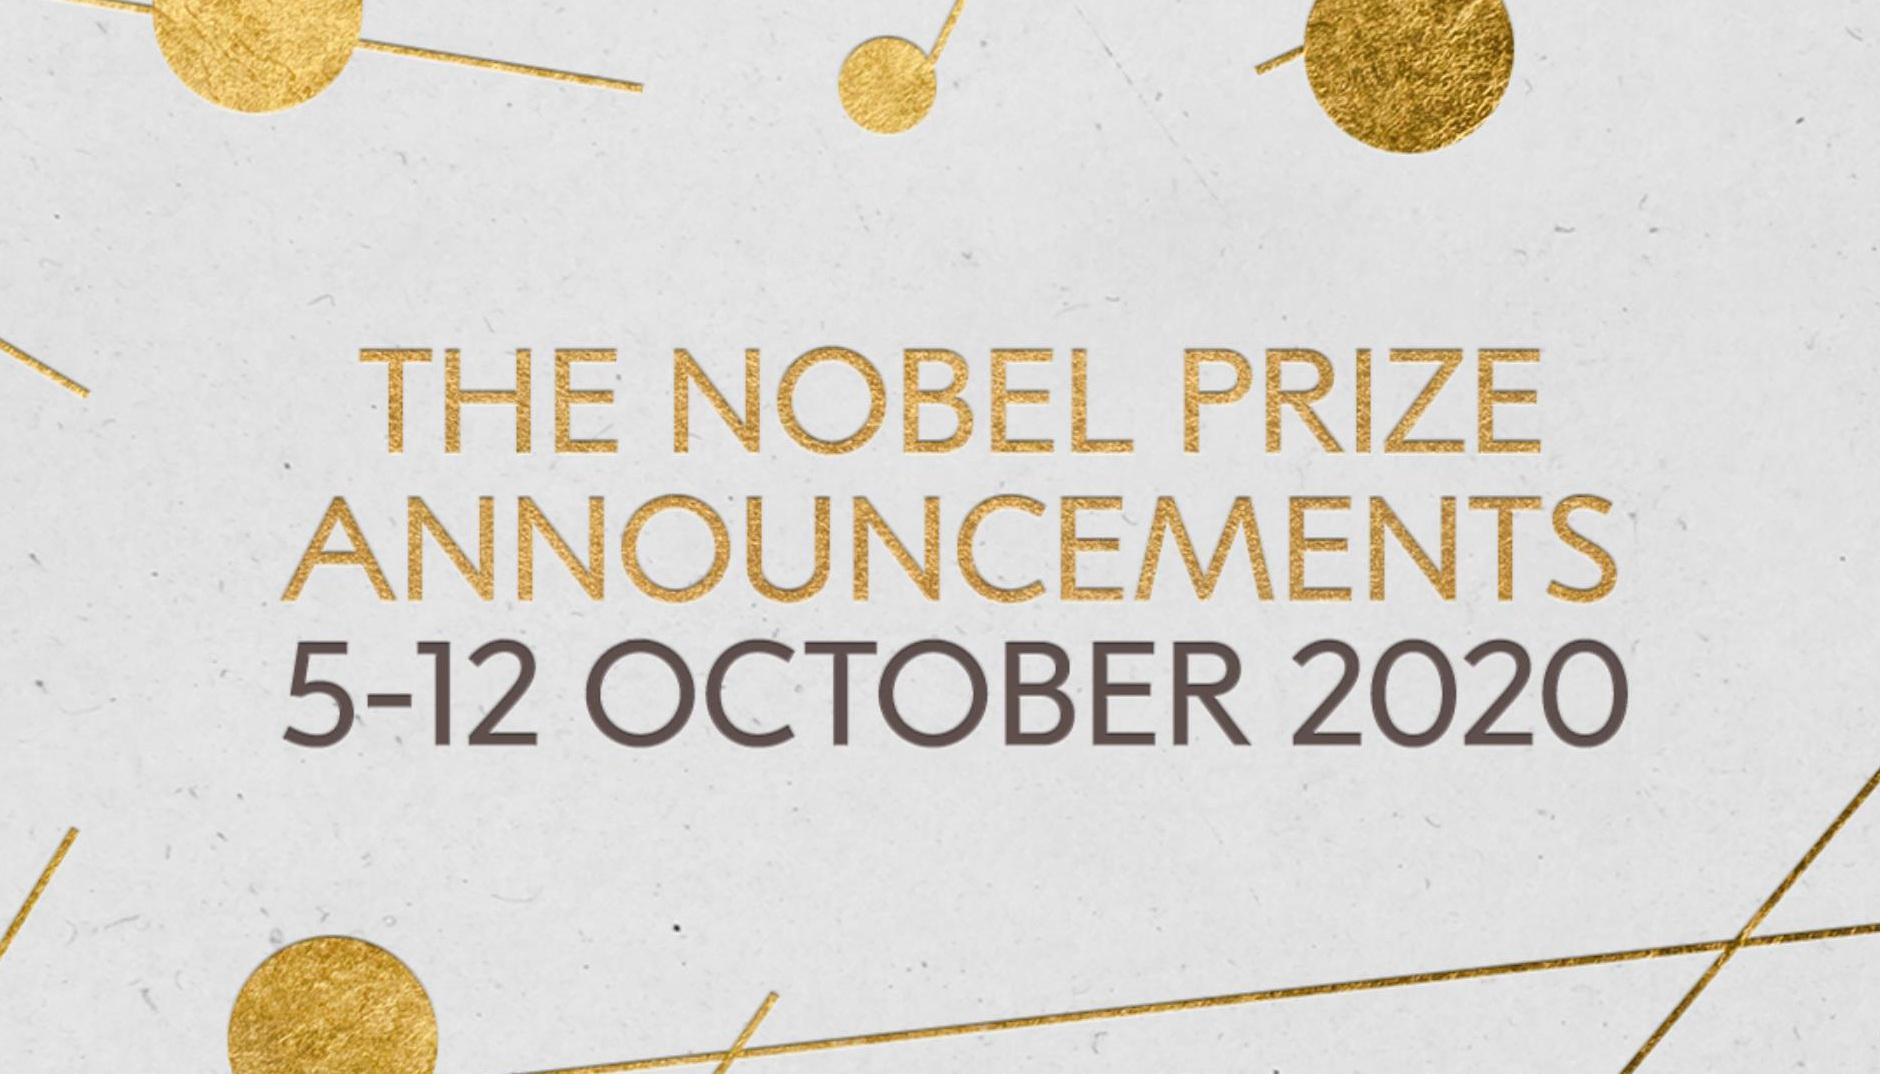 诺贝尔奖本周陆续揭晓,奖金增至1000万瑞典克朗插图1